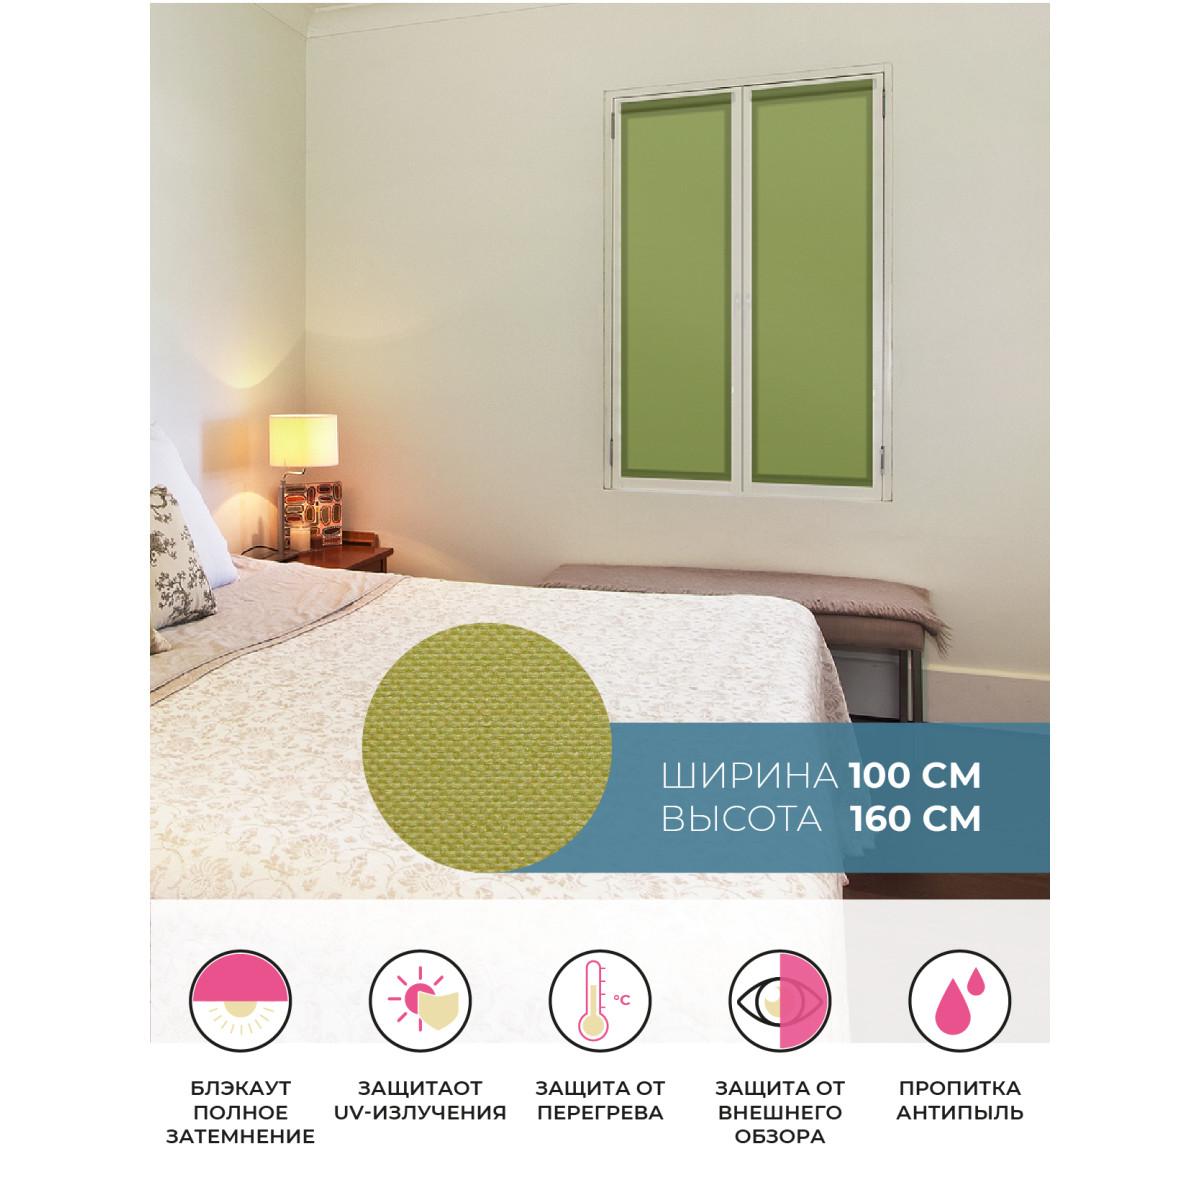 Рулонная Ора Decofest Блэкаут Плайн 100Х160 Цвет Зеленый